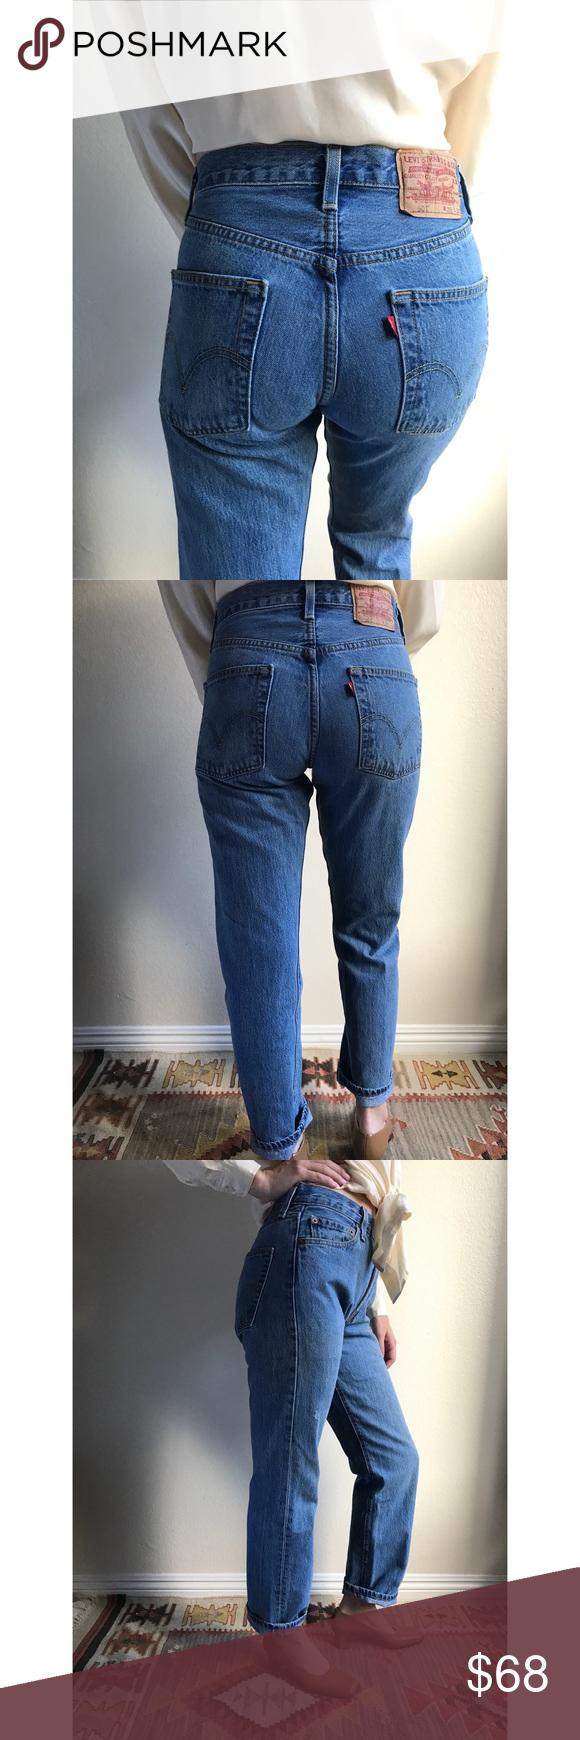 e55b76c7 [vintage] Levis 501 medium blue jeans Classic Levis 501 jeans vintage circa  90s/